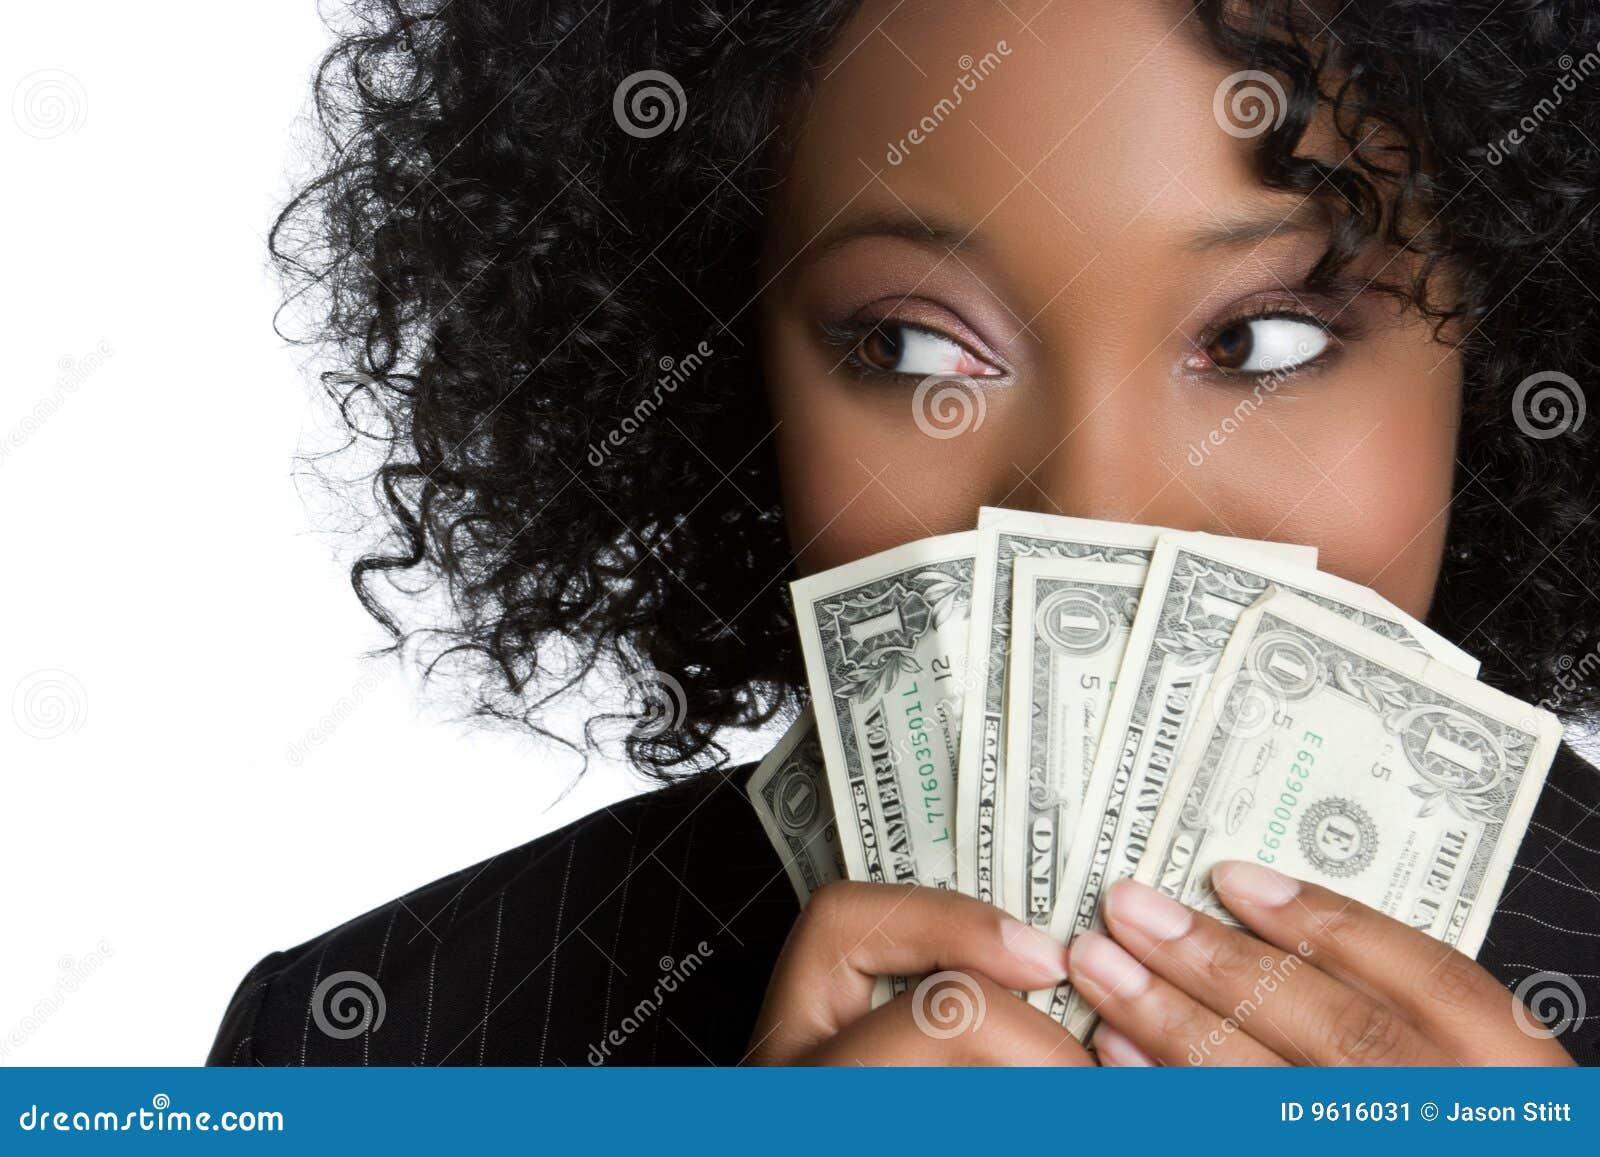 Woman Holding Money Stock Image - Image: 9616031